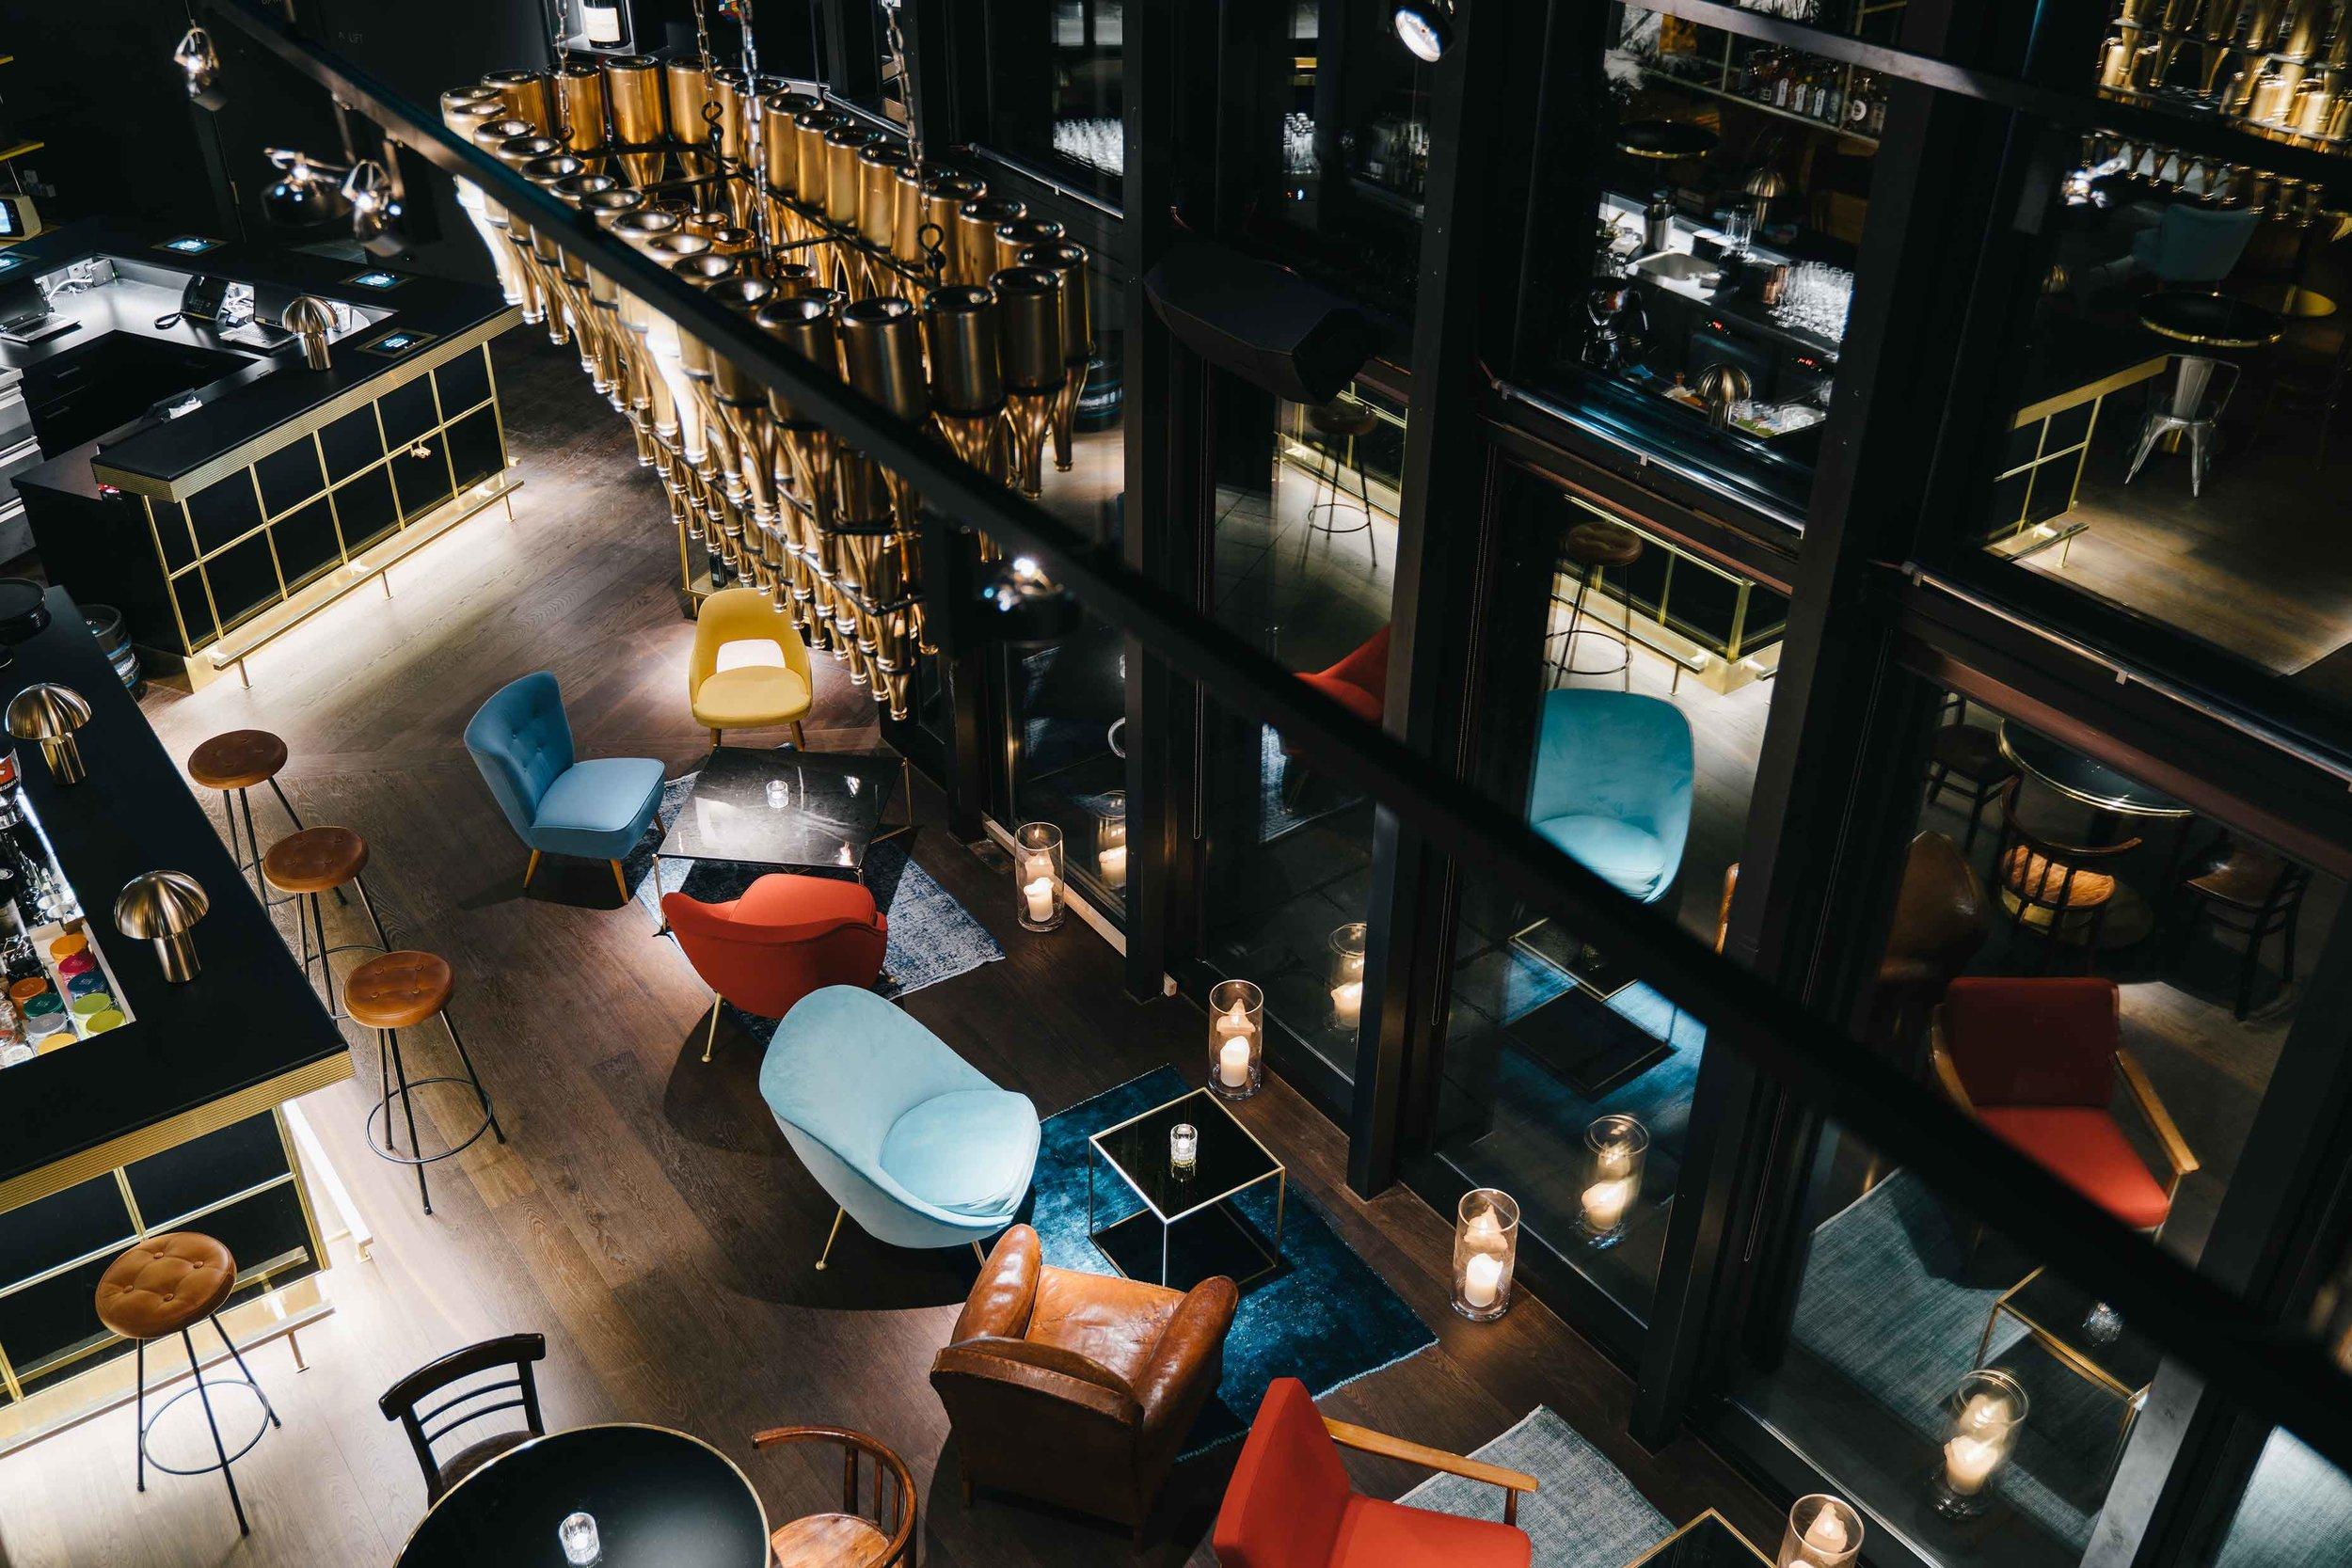 Ruby Lilly Hotel & Bar